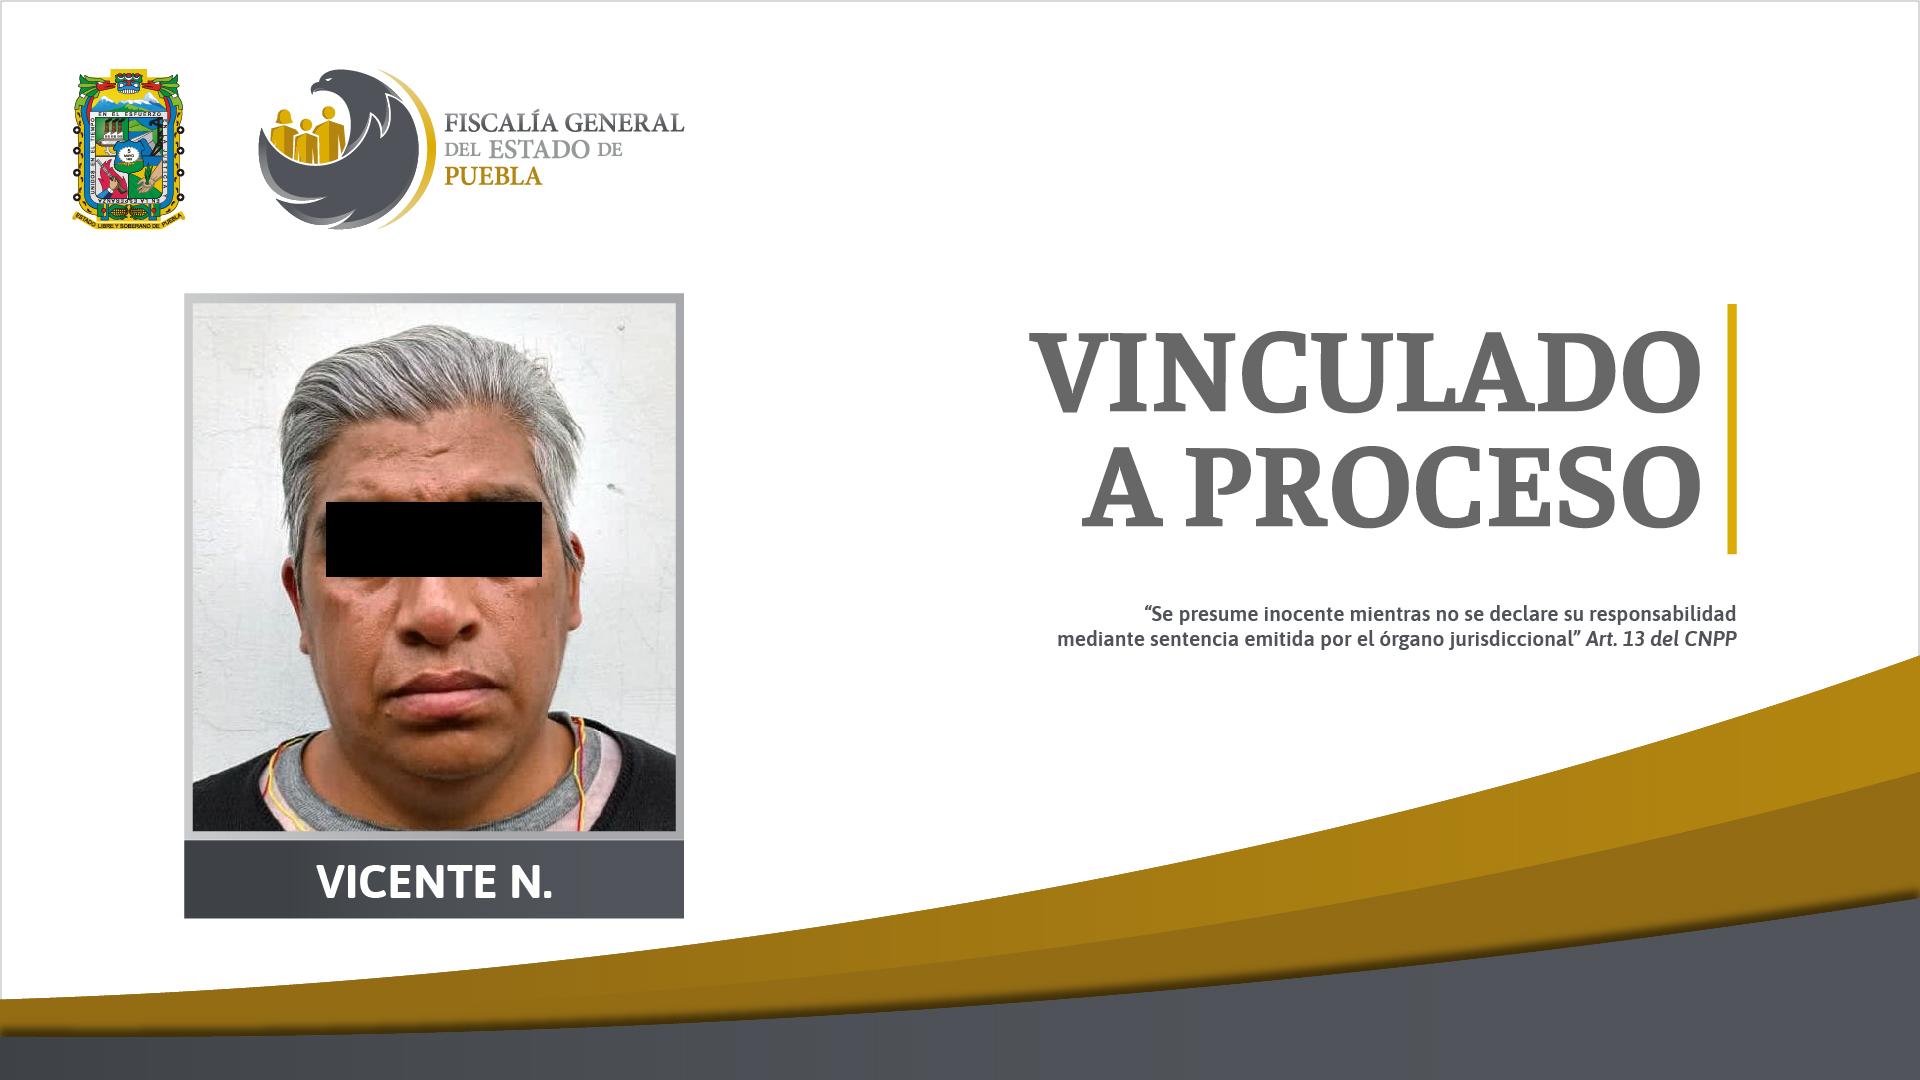 Vicente de 47 años violó a su vecino de 12 en Cholula